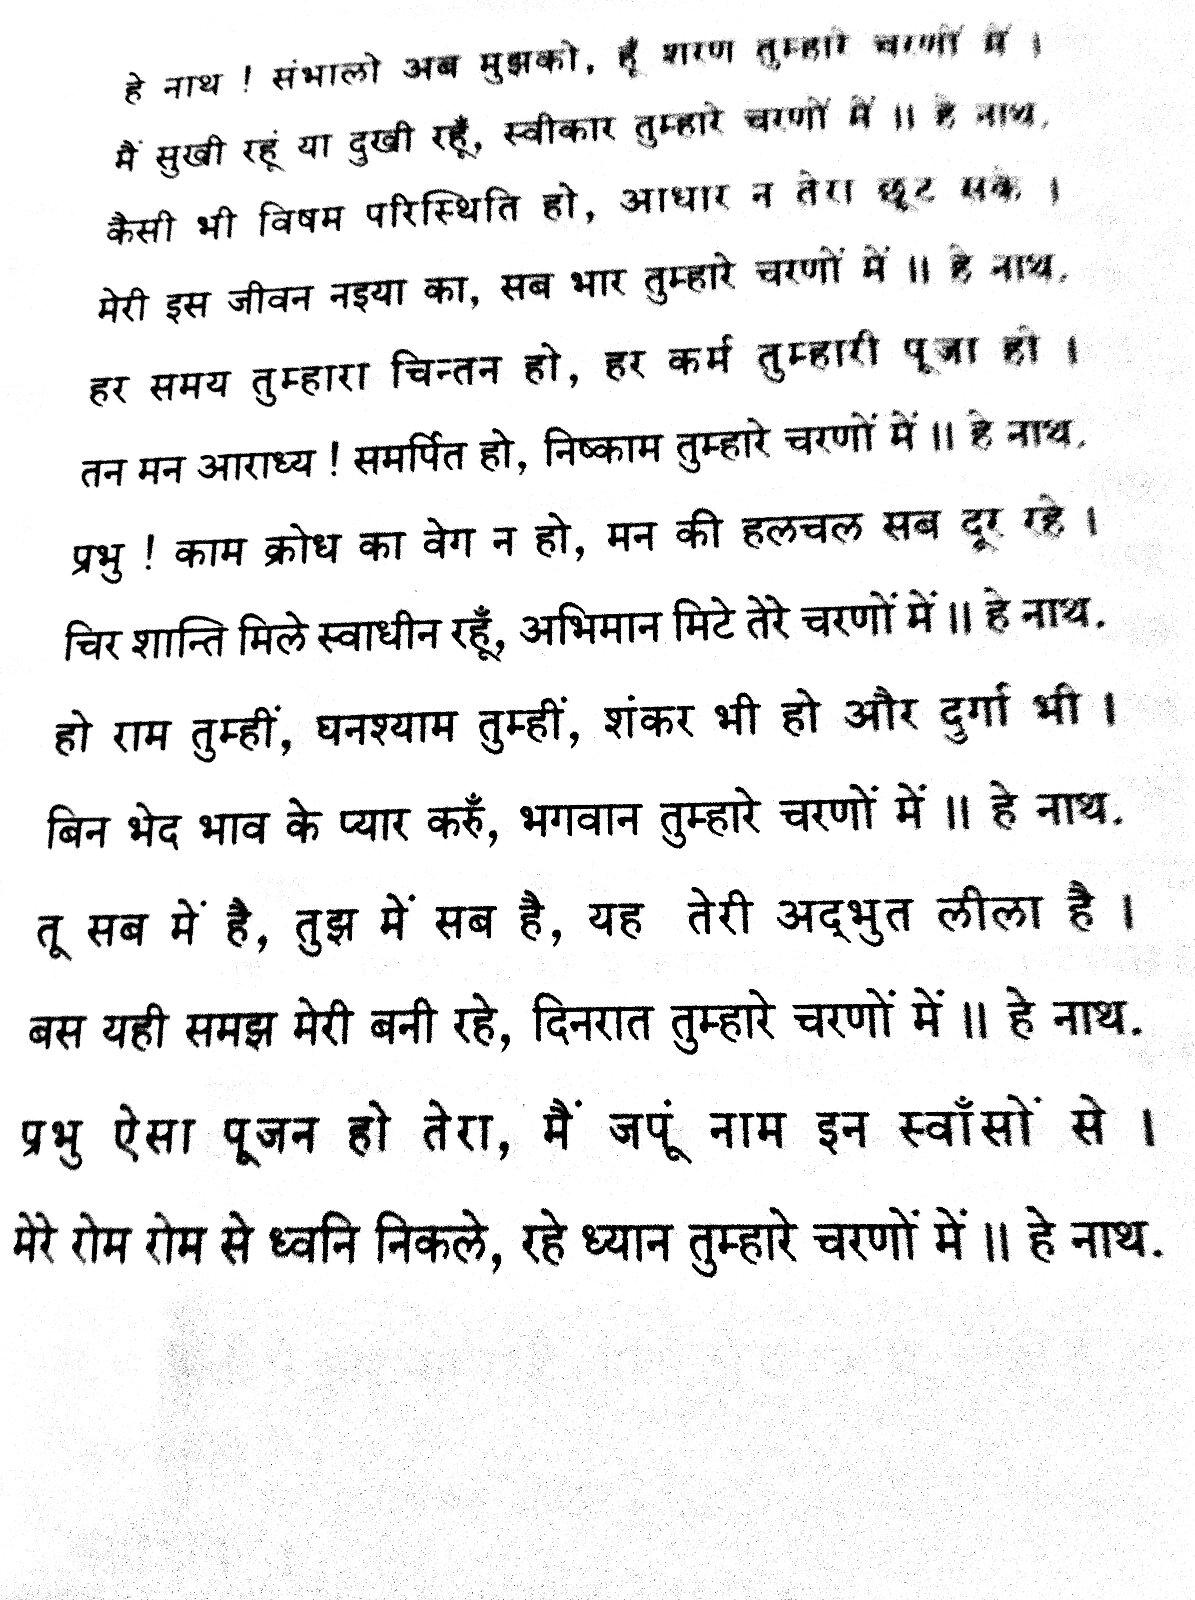 Top 10 Shri Ram Ji Hindi Bhajan Lyrics - TOP Hindi Lyrics